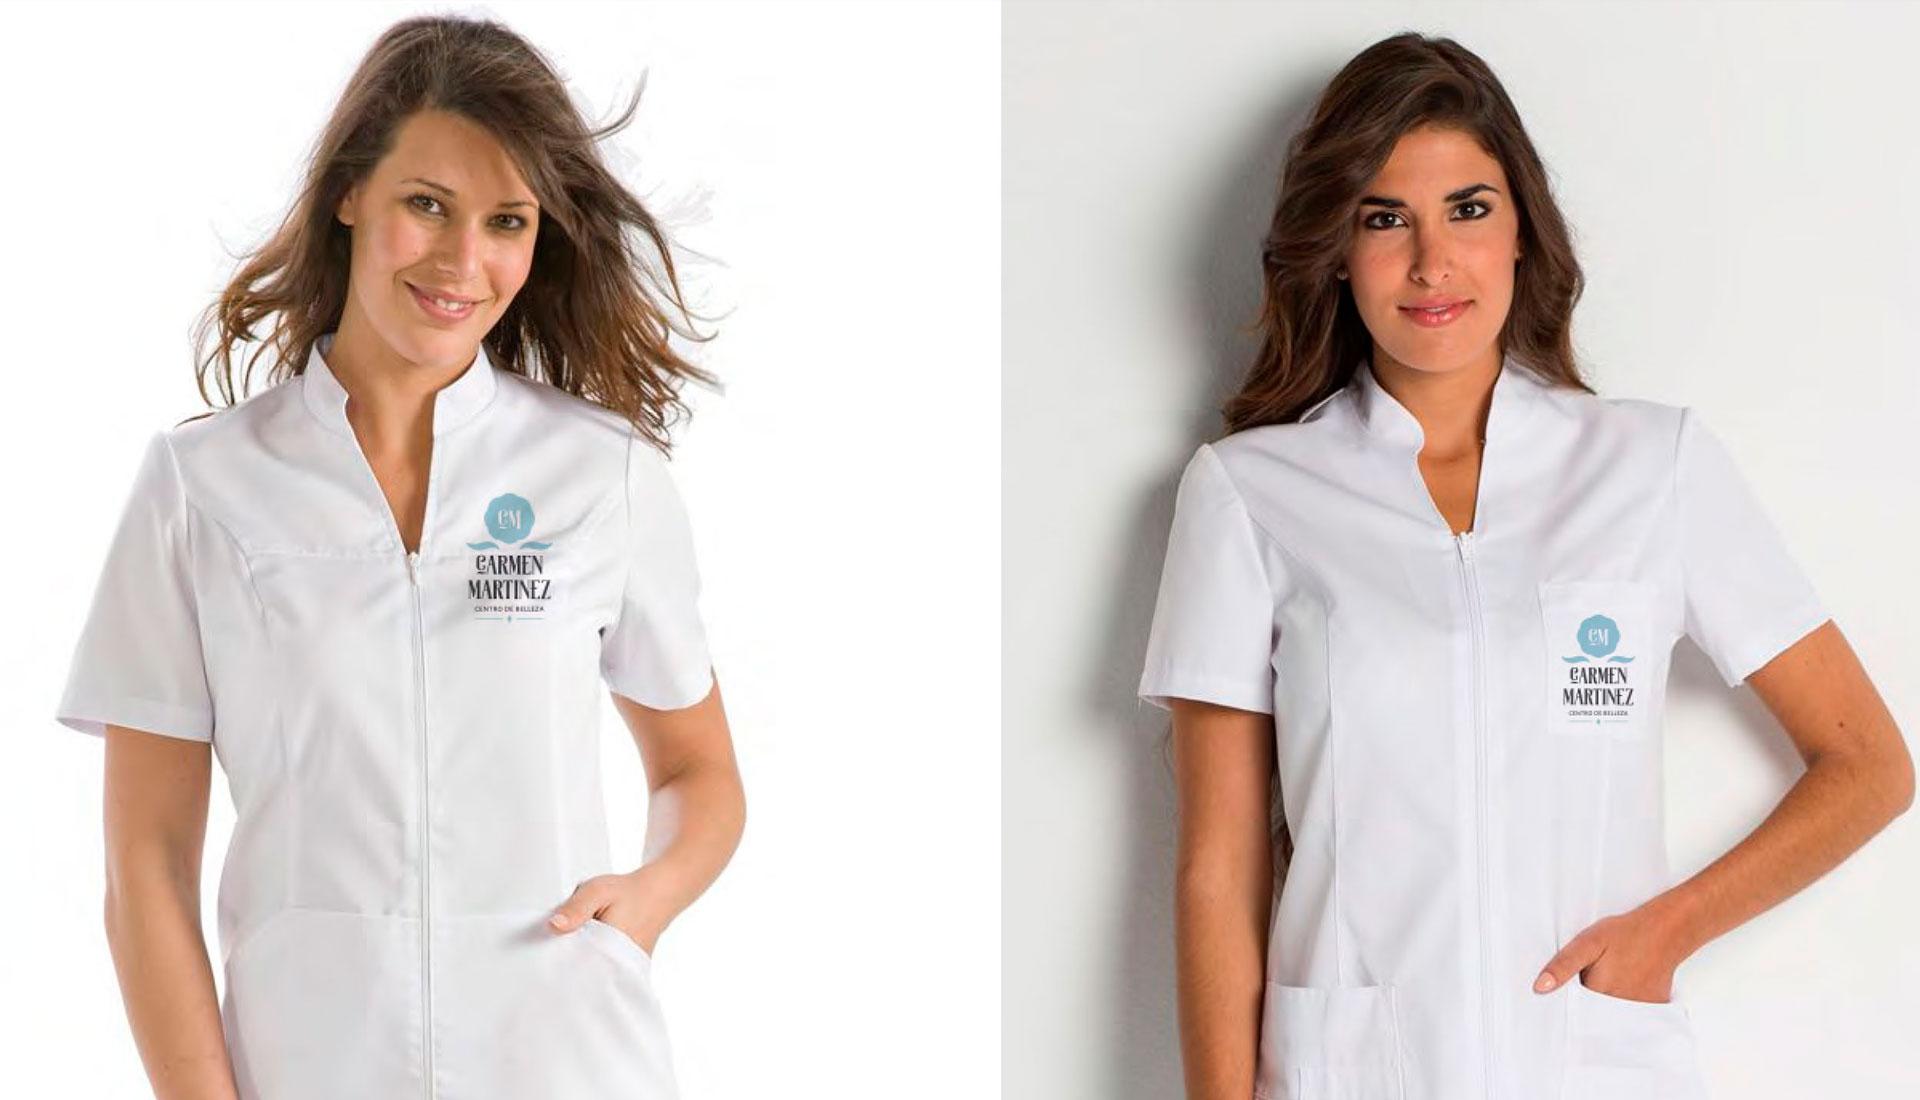 agencia-publicidad-pennyworth-marketing-digital-branding-centro-belleza-valencia-13